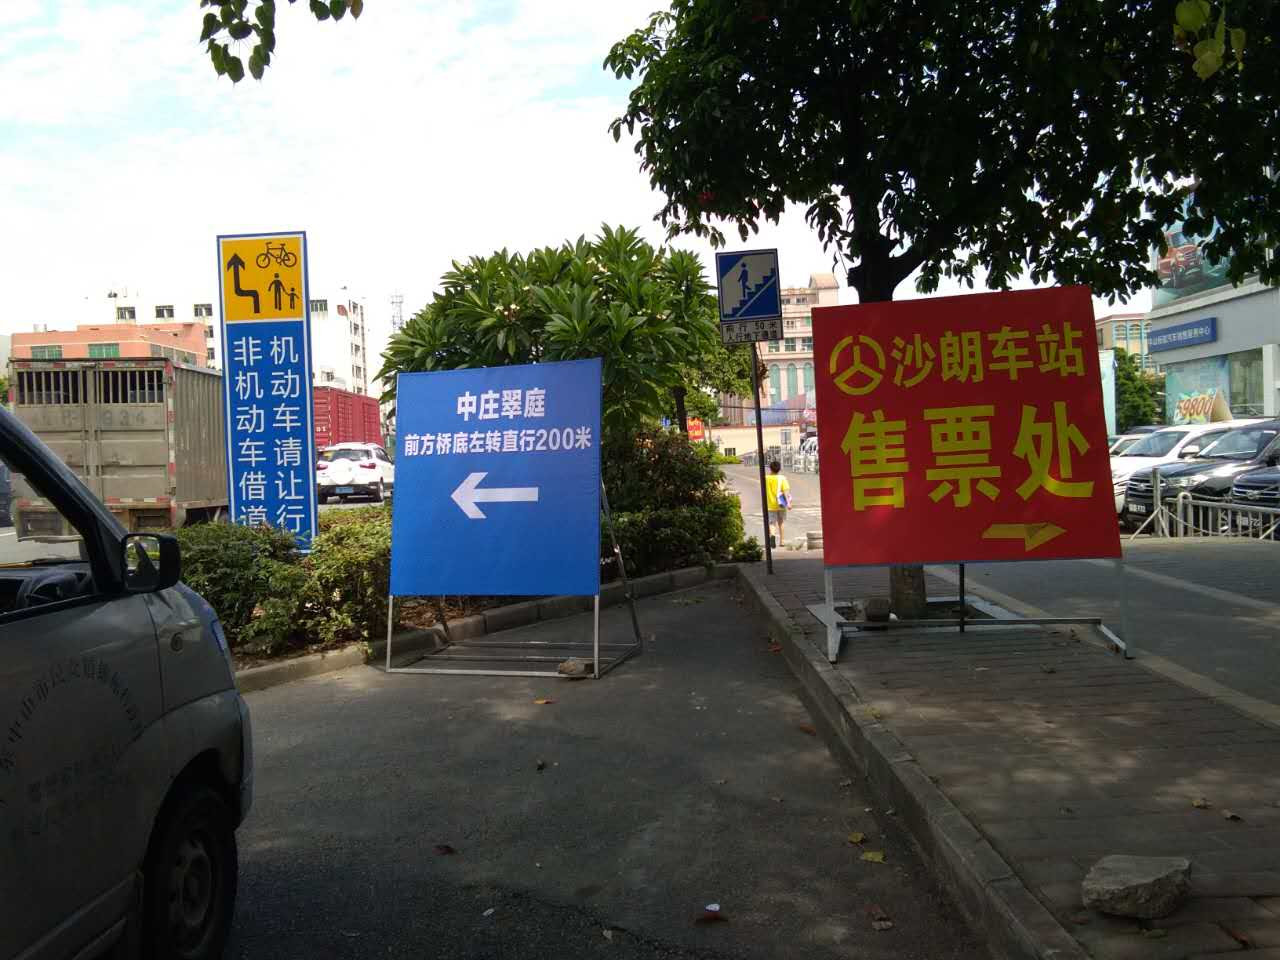 中庄翠庭路口指示牌